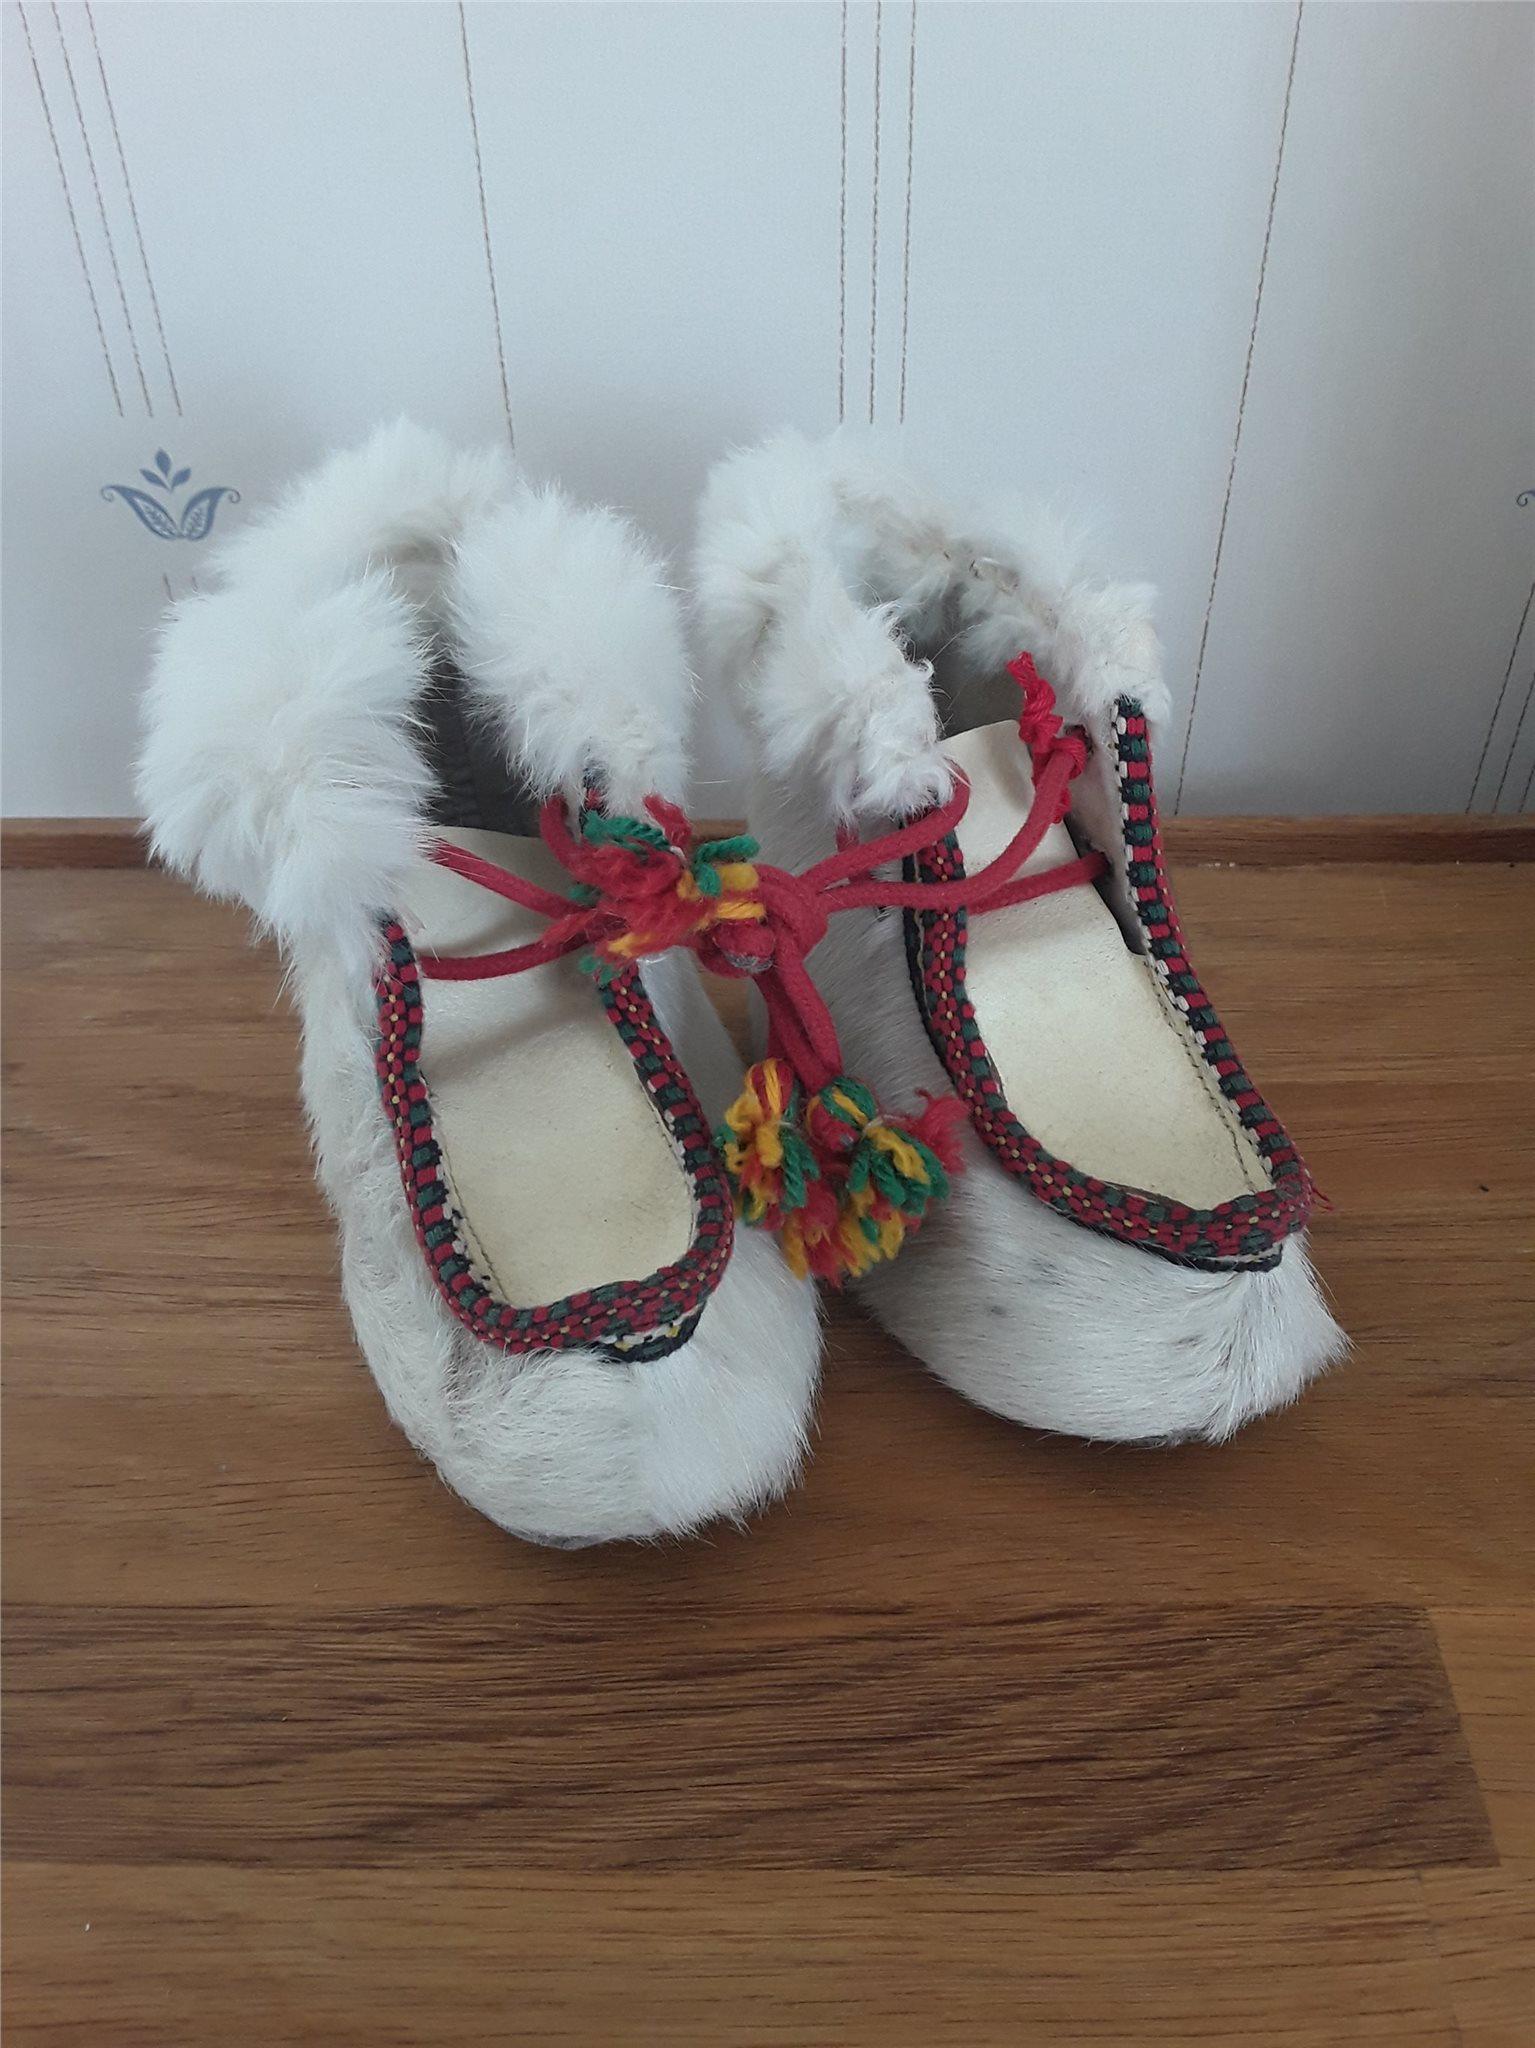 skor av renskinn